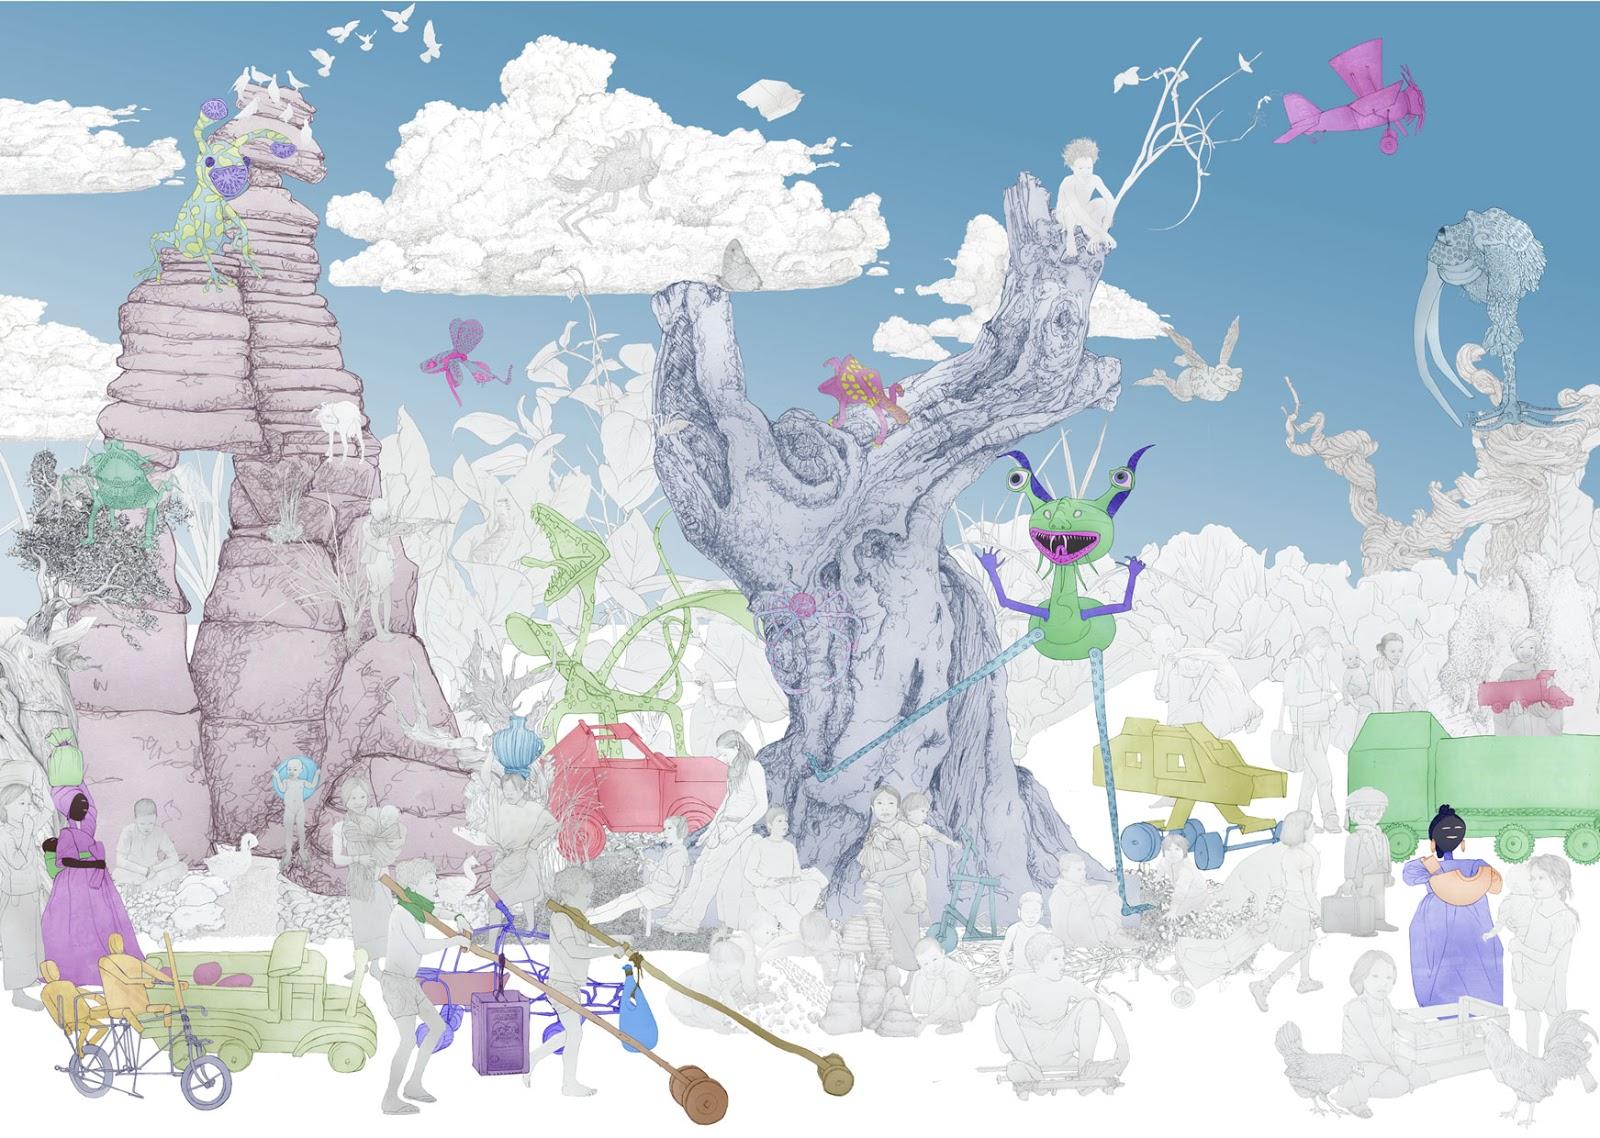 El juego en la infancia, alebrijes, dibujo